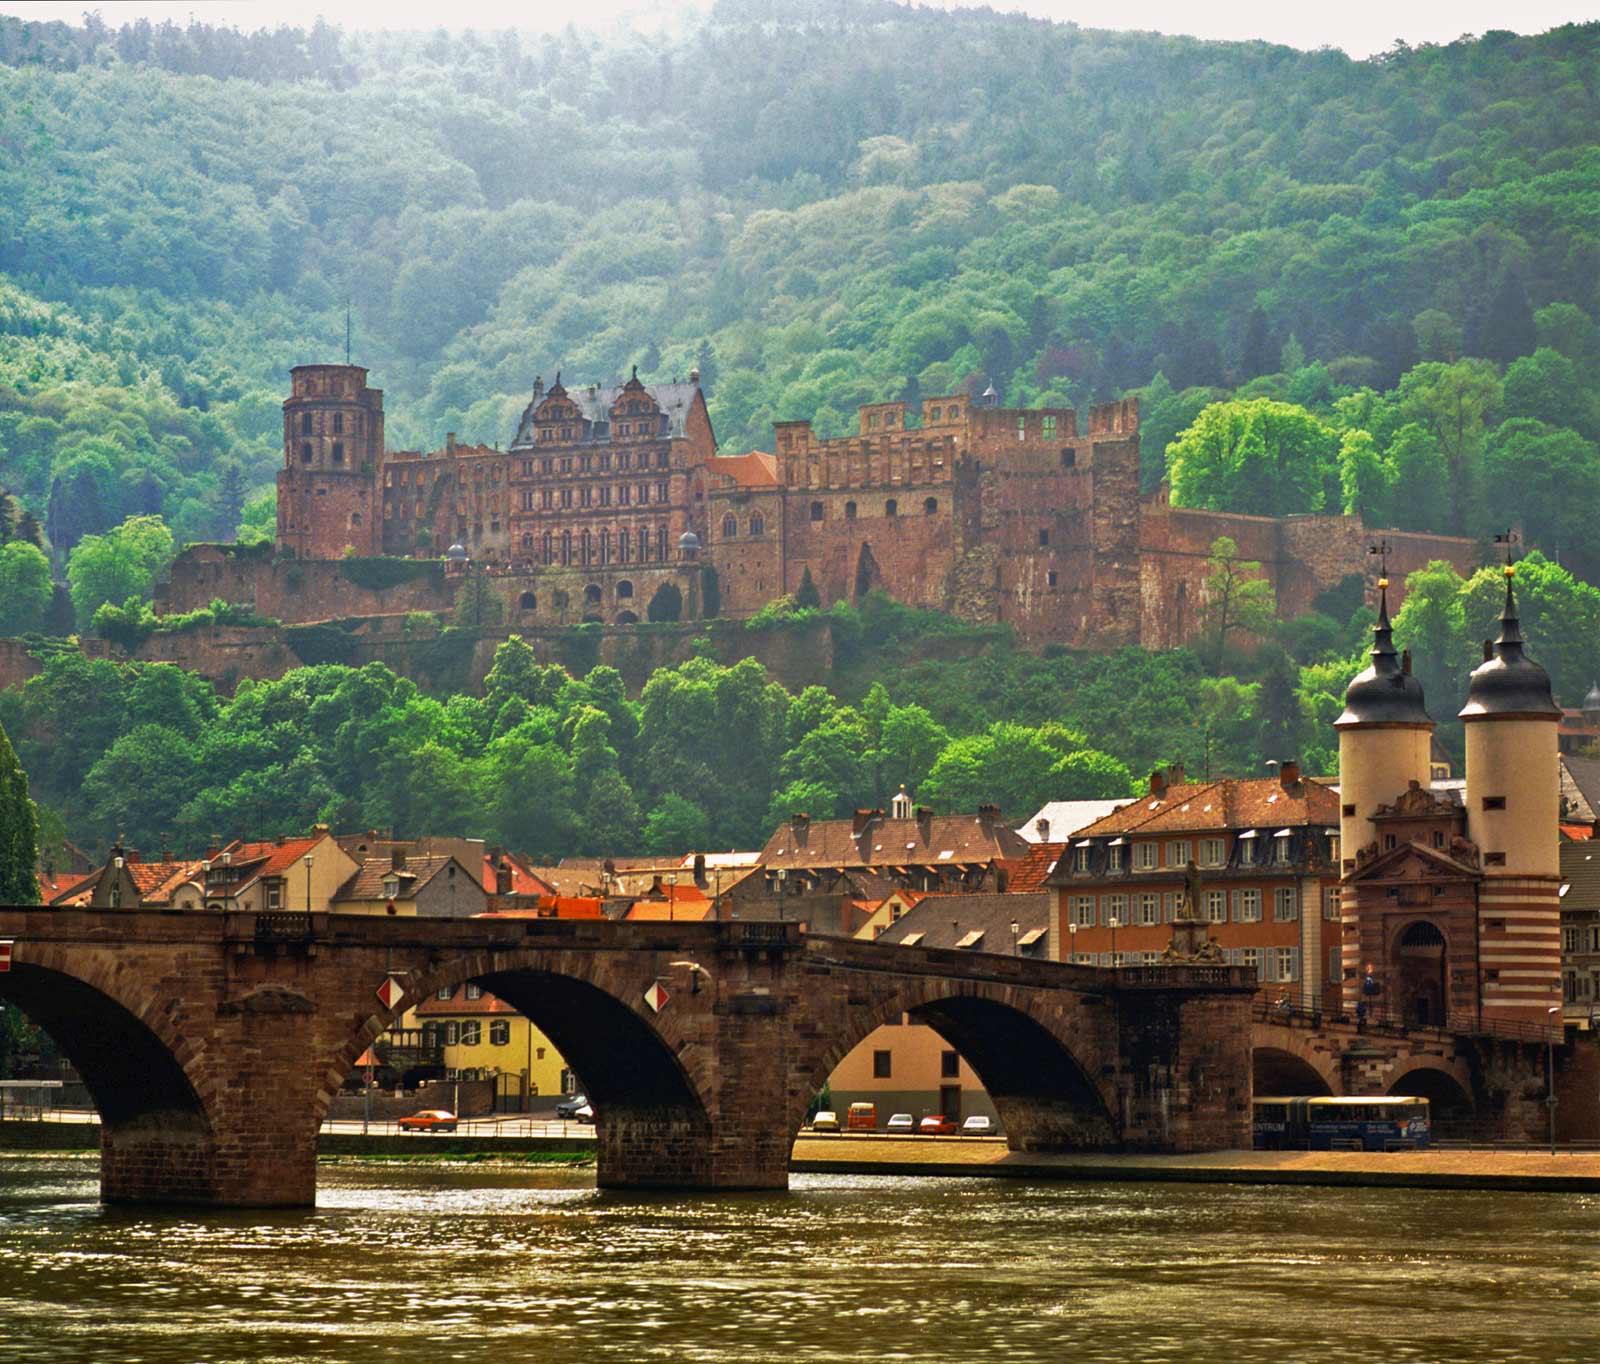 Heidelberger_Schloss_und_Bruecke